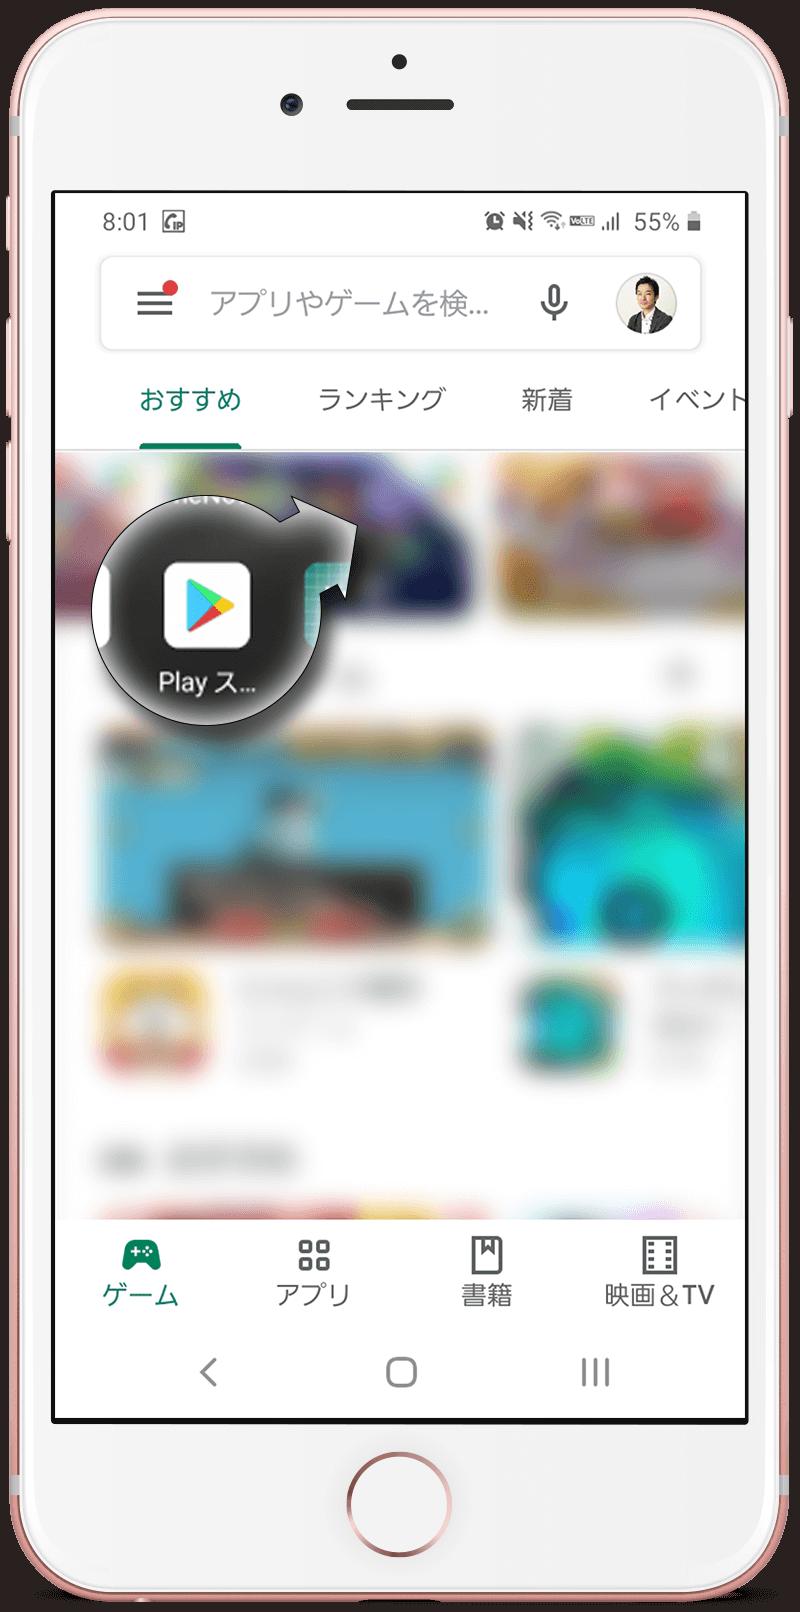 スマホにZoomアプリをインストールしてオンライン個別見学に参加インストール画像1